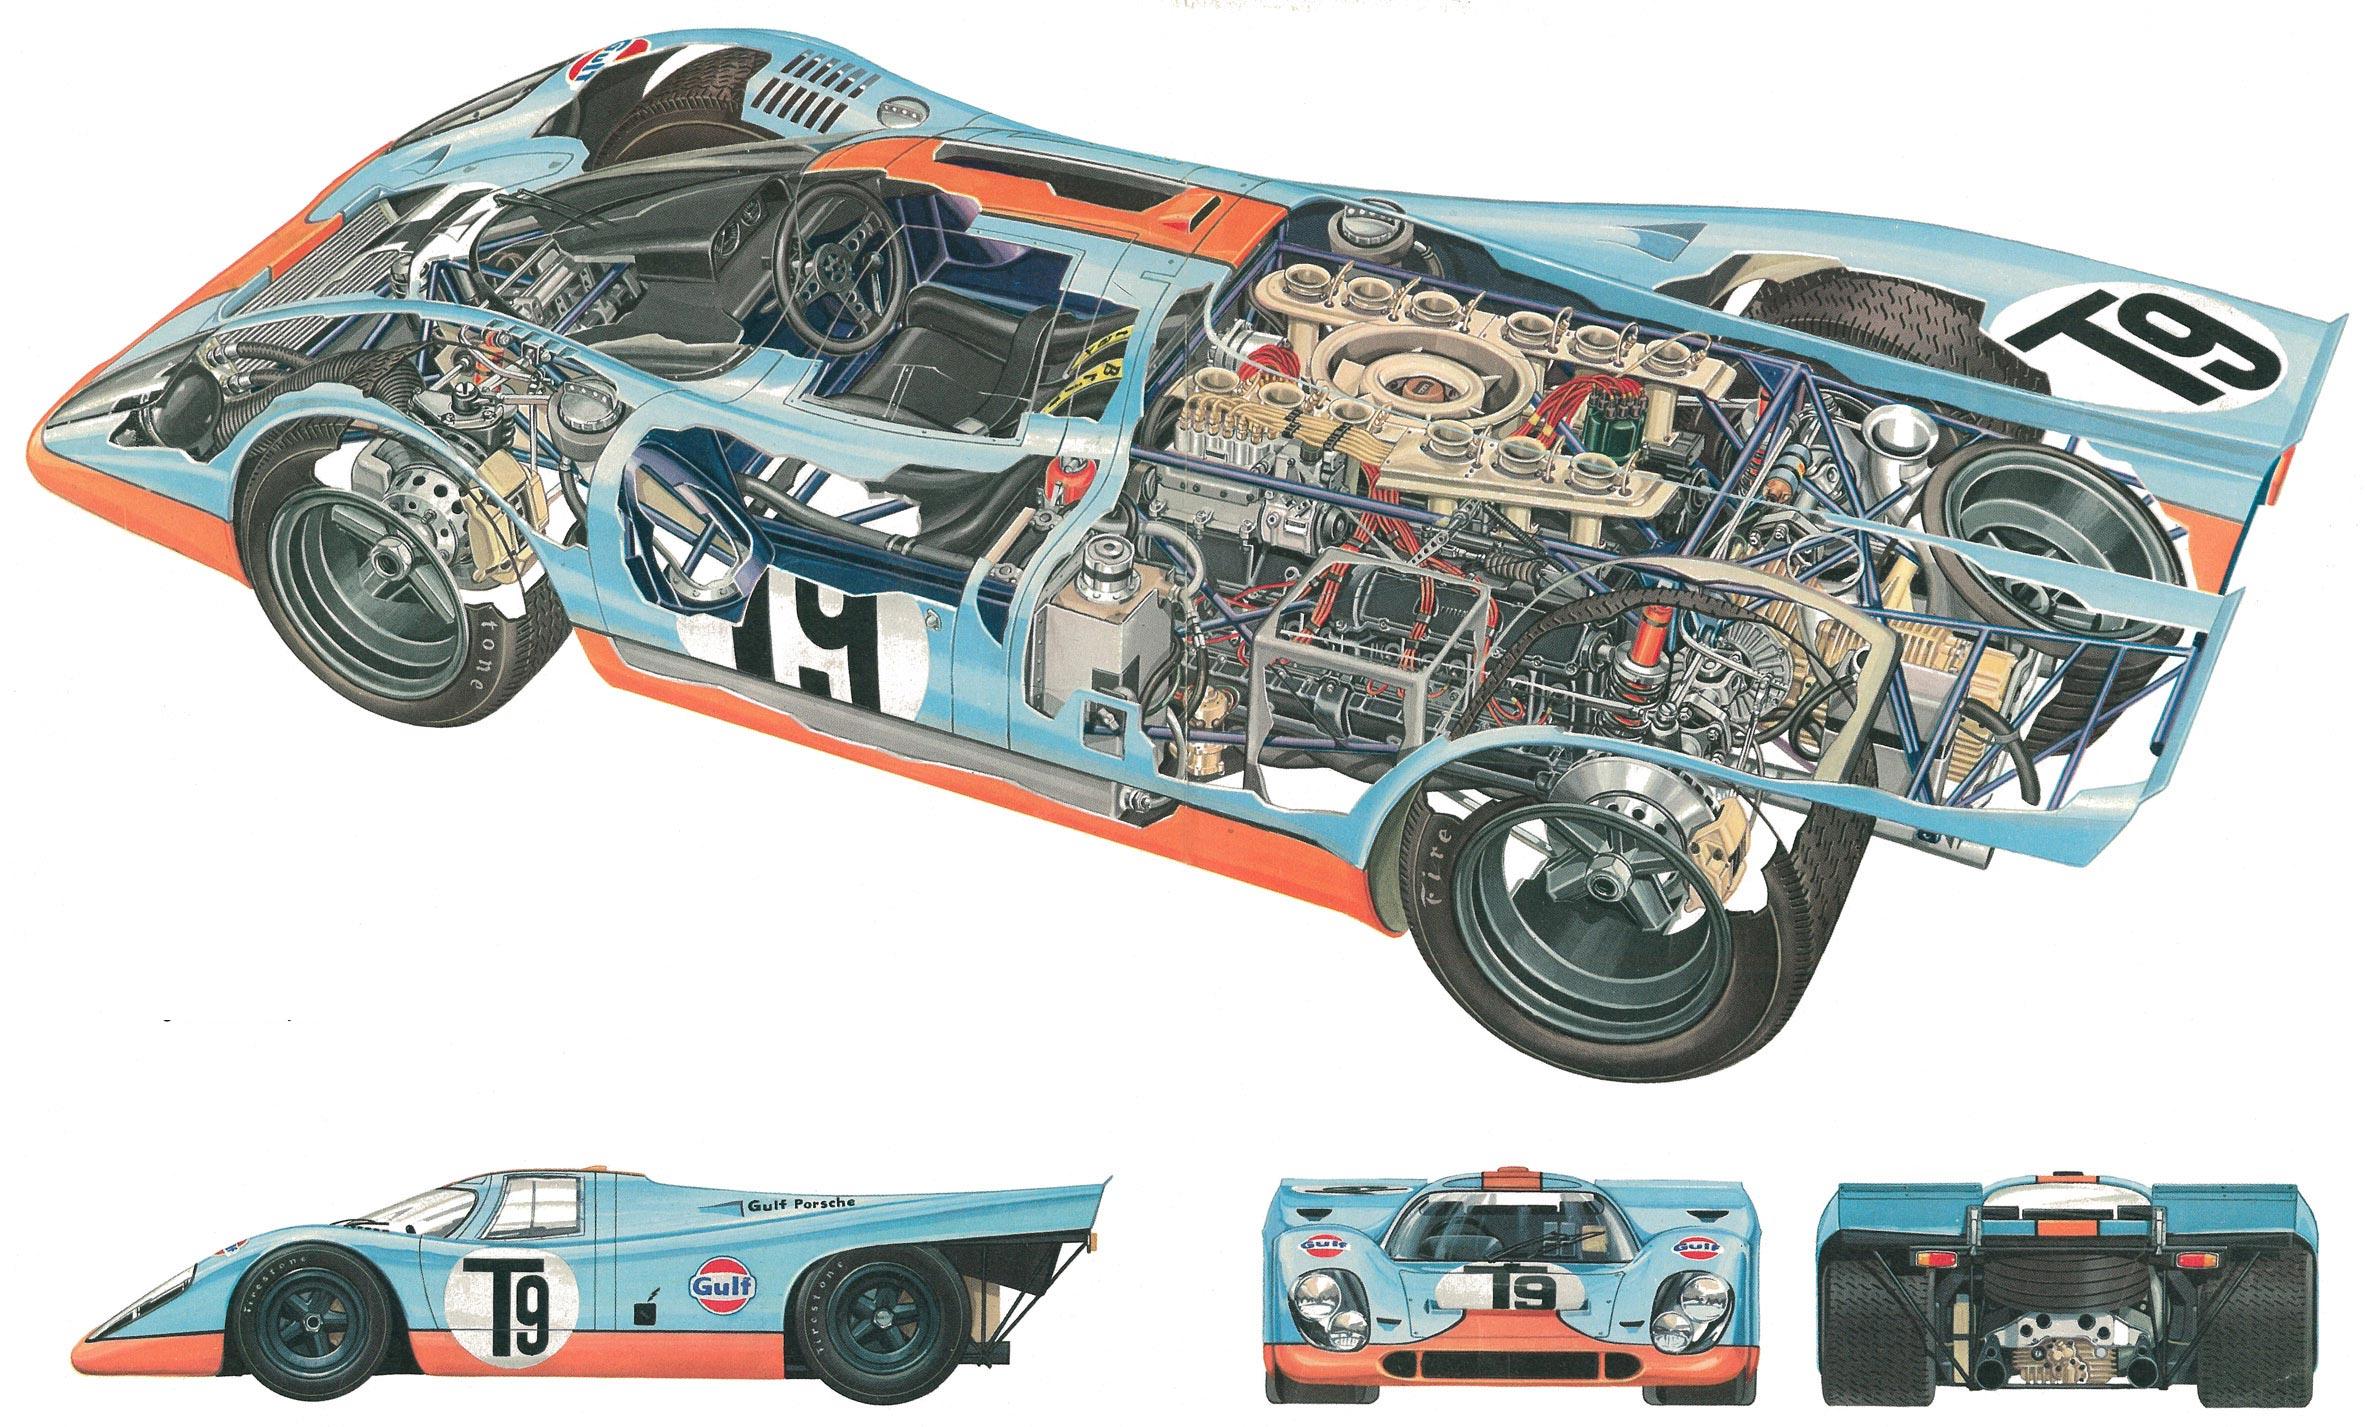 Porsche 917 cutaway